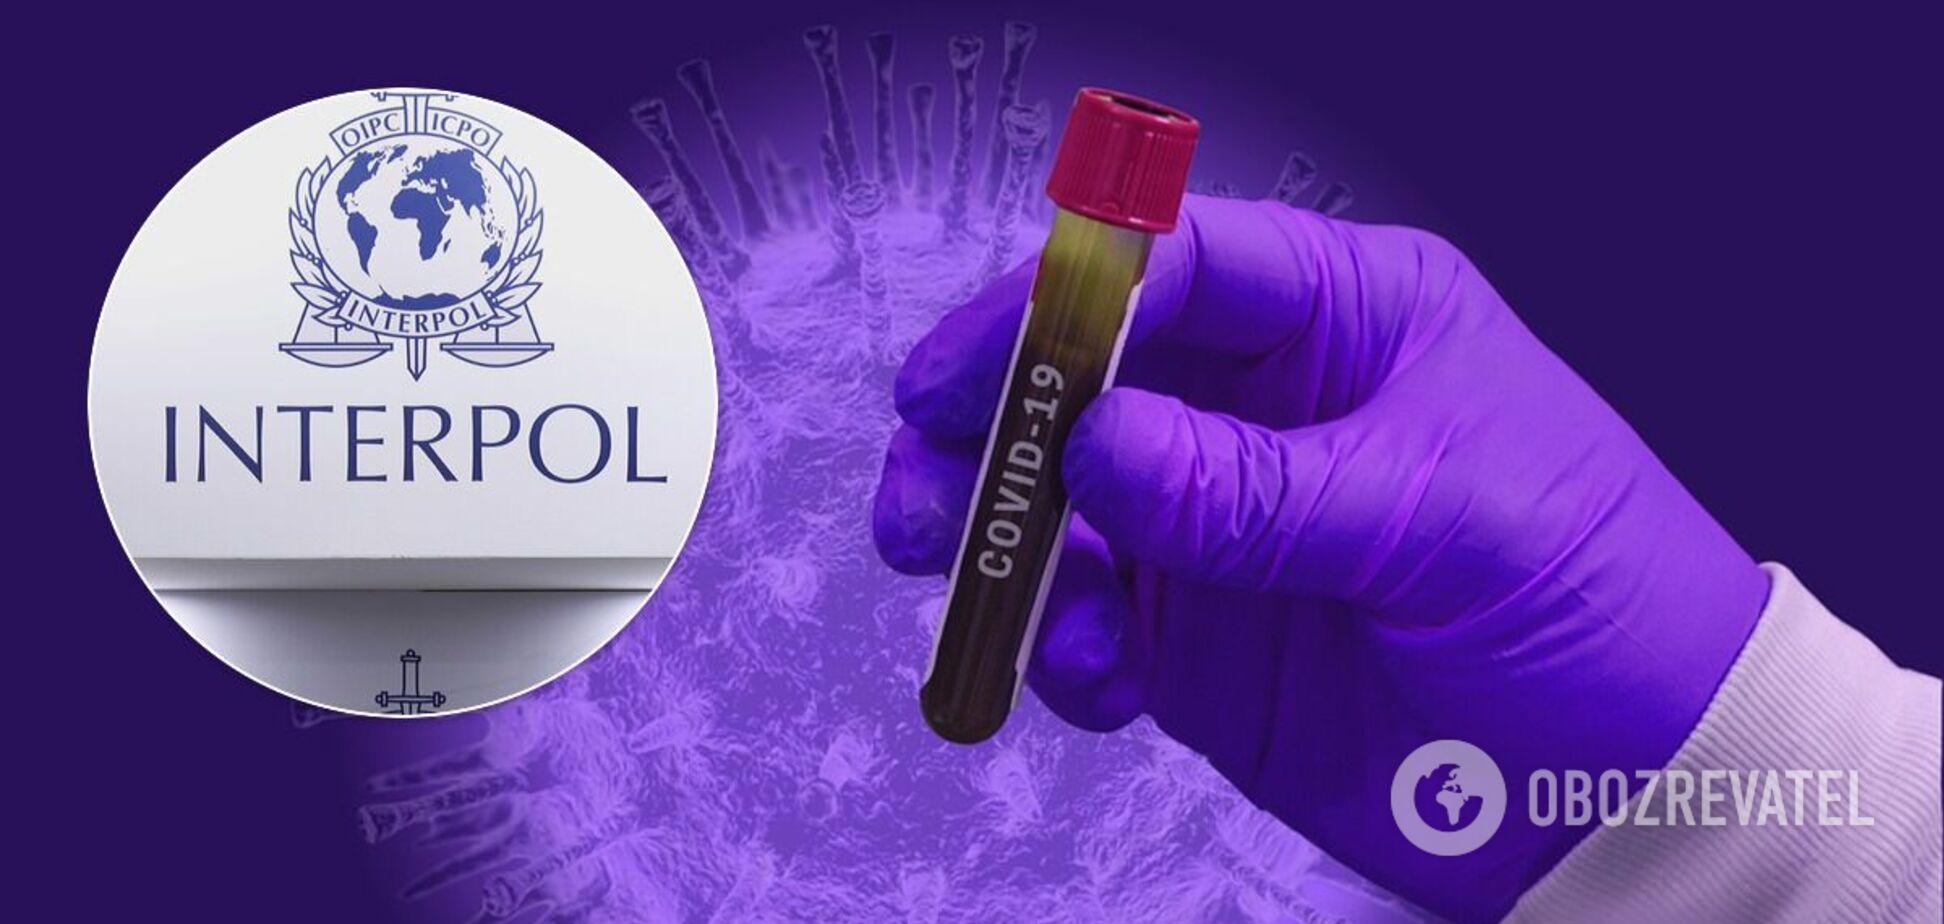 Глава Інтерполу передбачив зростання злочинності через вакцину